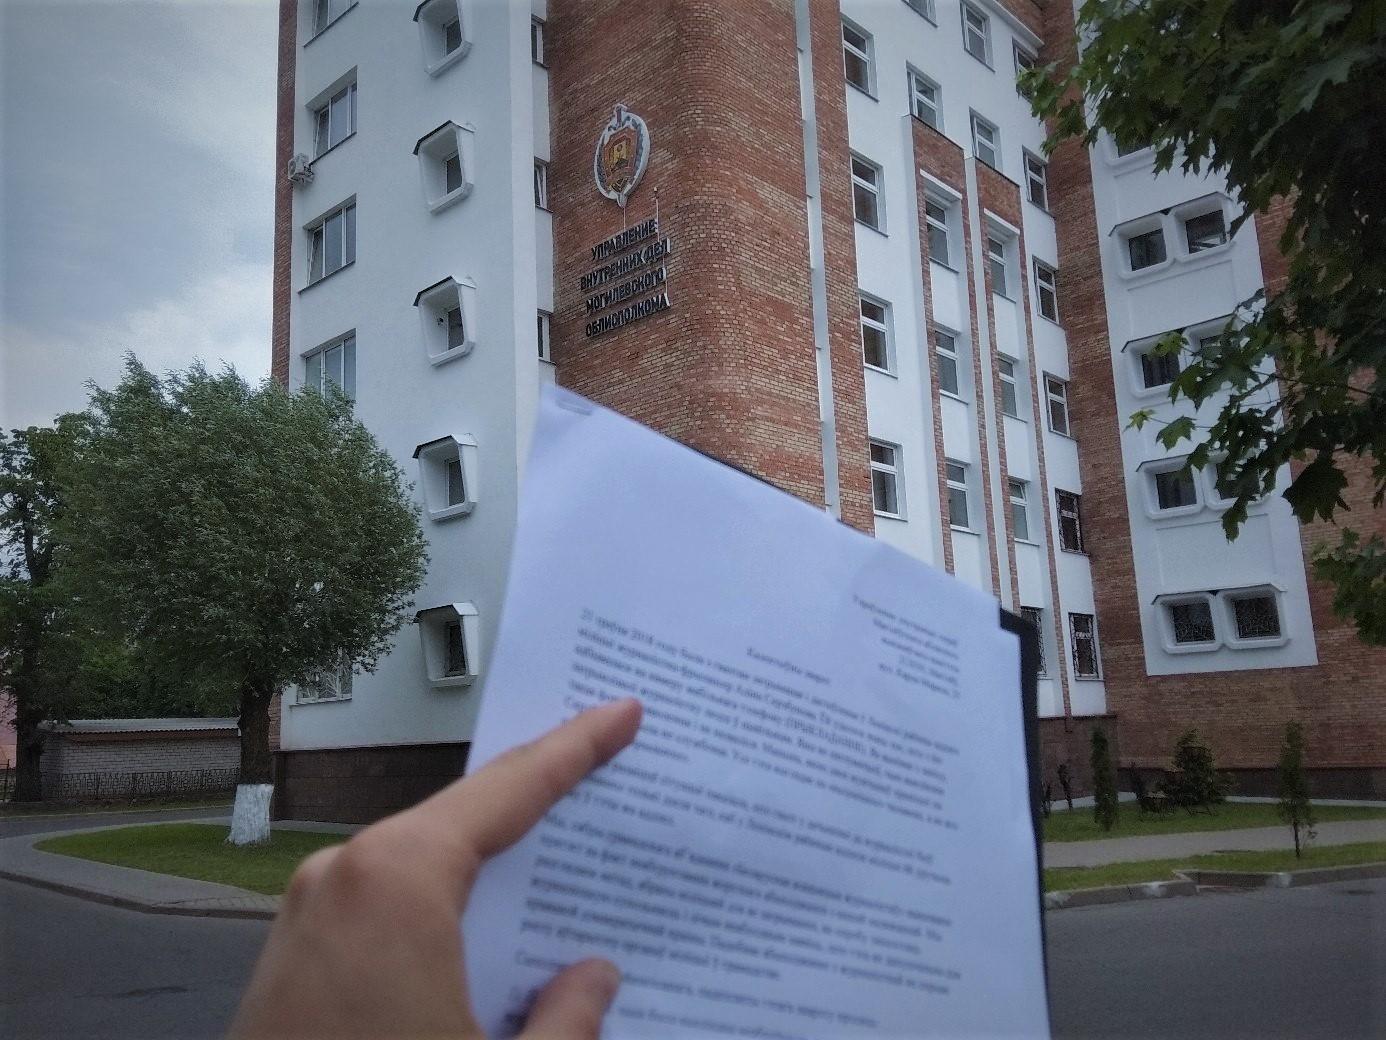 Могилевские журналисты потребовали от властей разобраться с милицейским насилием